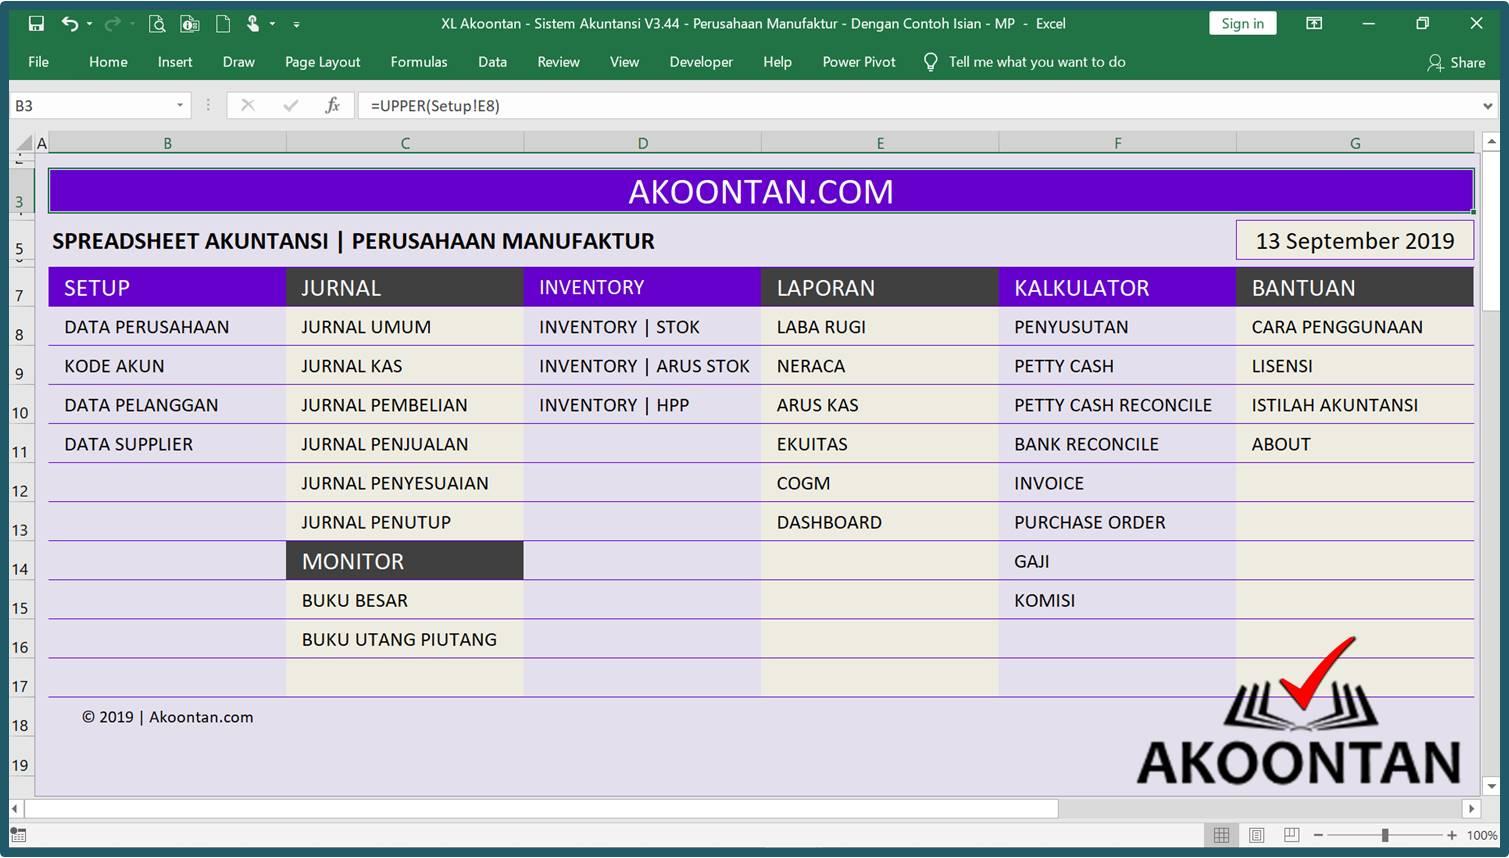 Excel Akuntansi Perusahaan Manufaktur Akuntansi Id